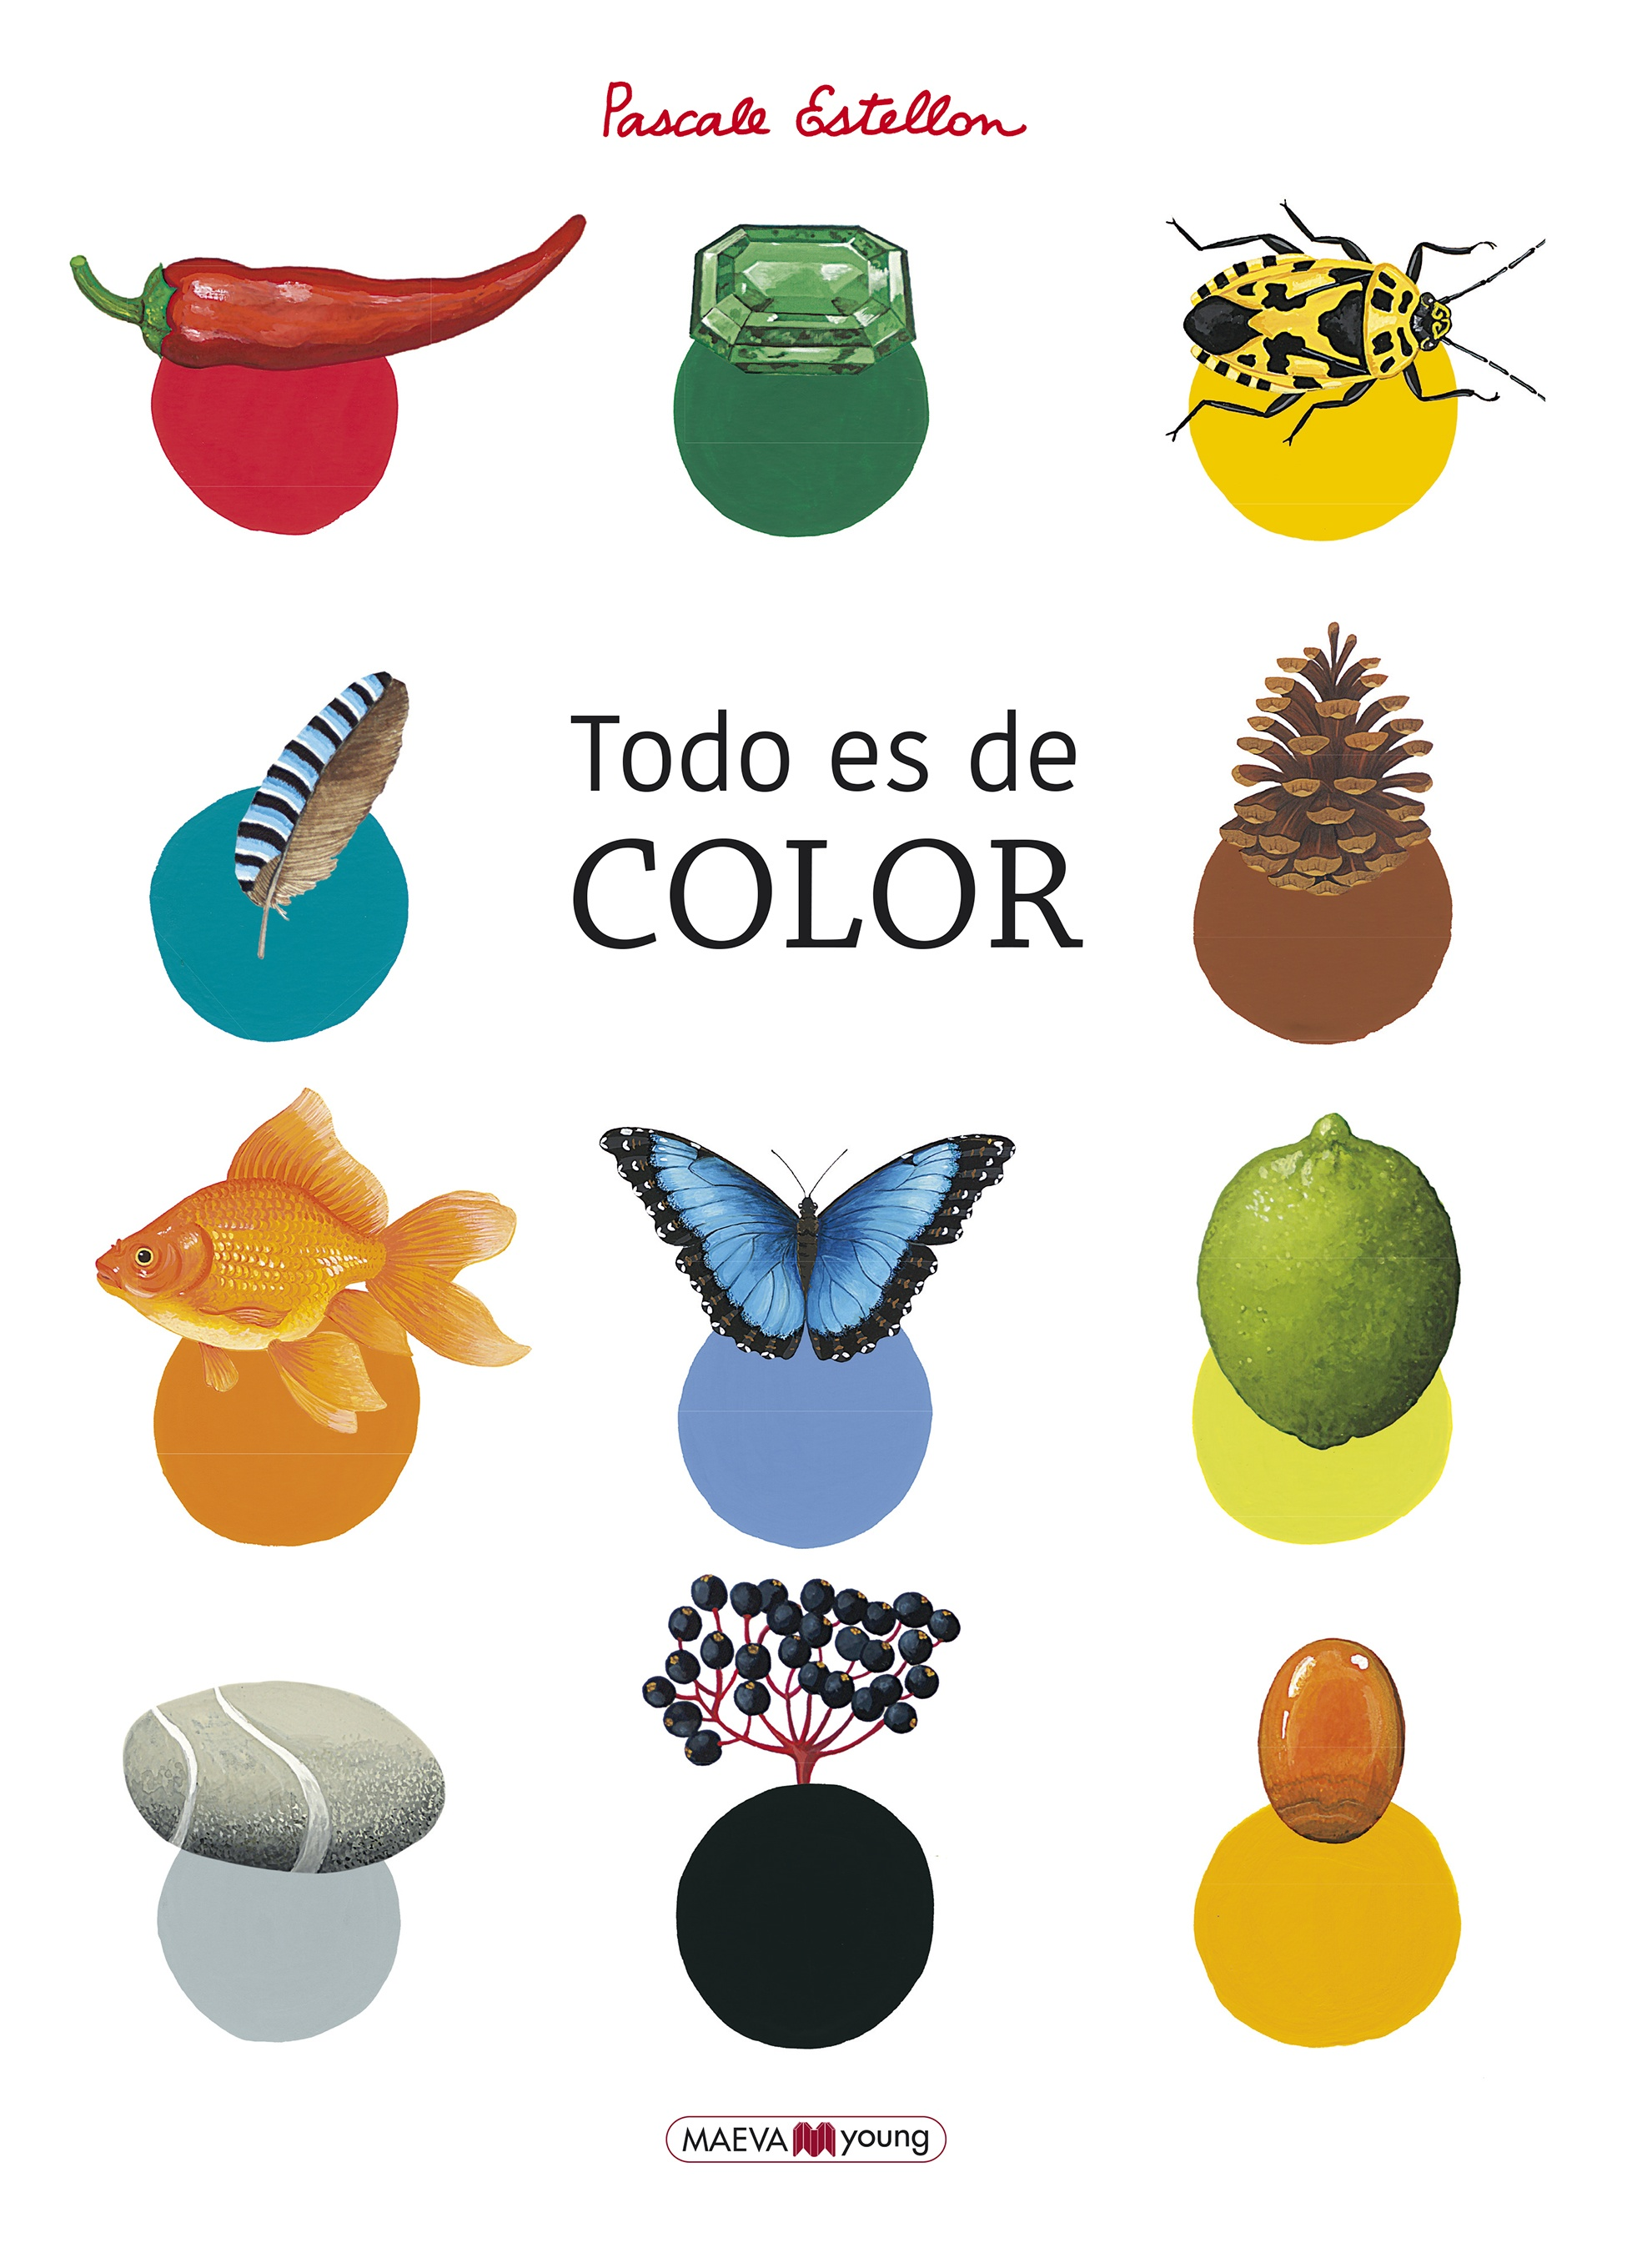 Todo es de color